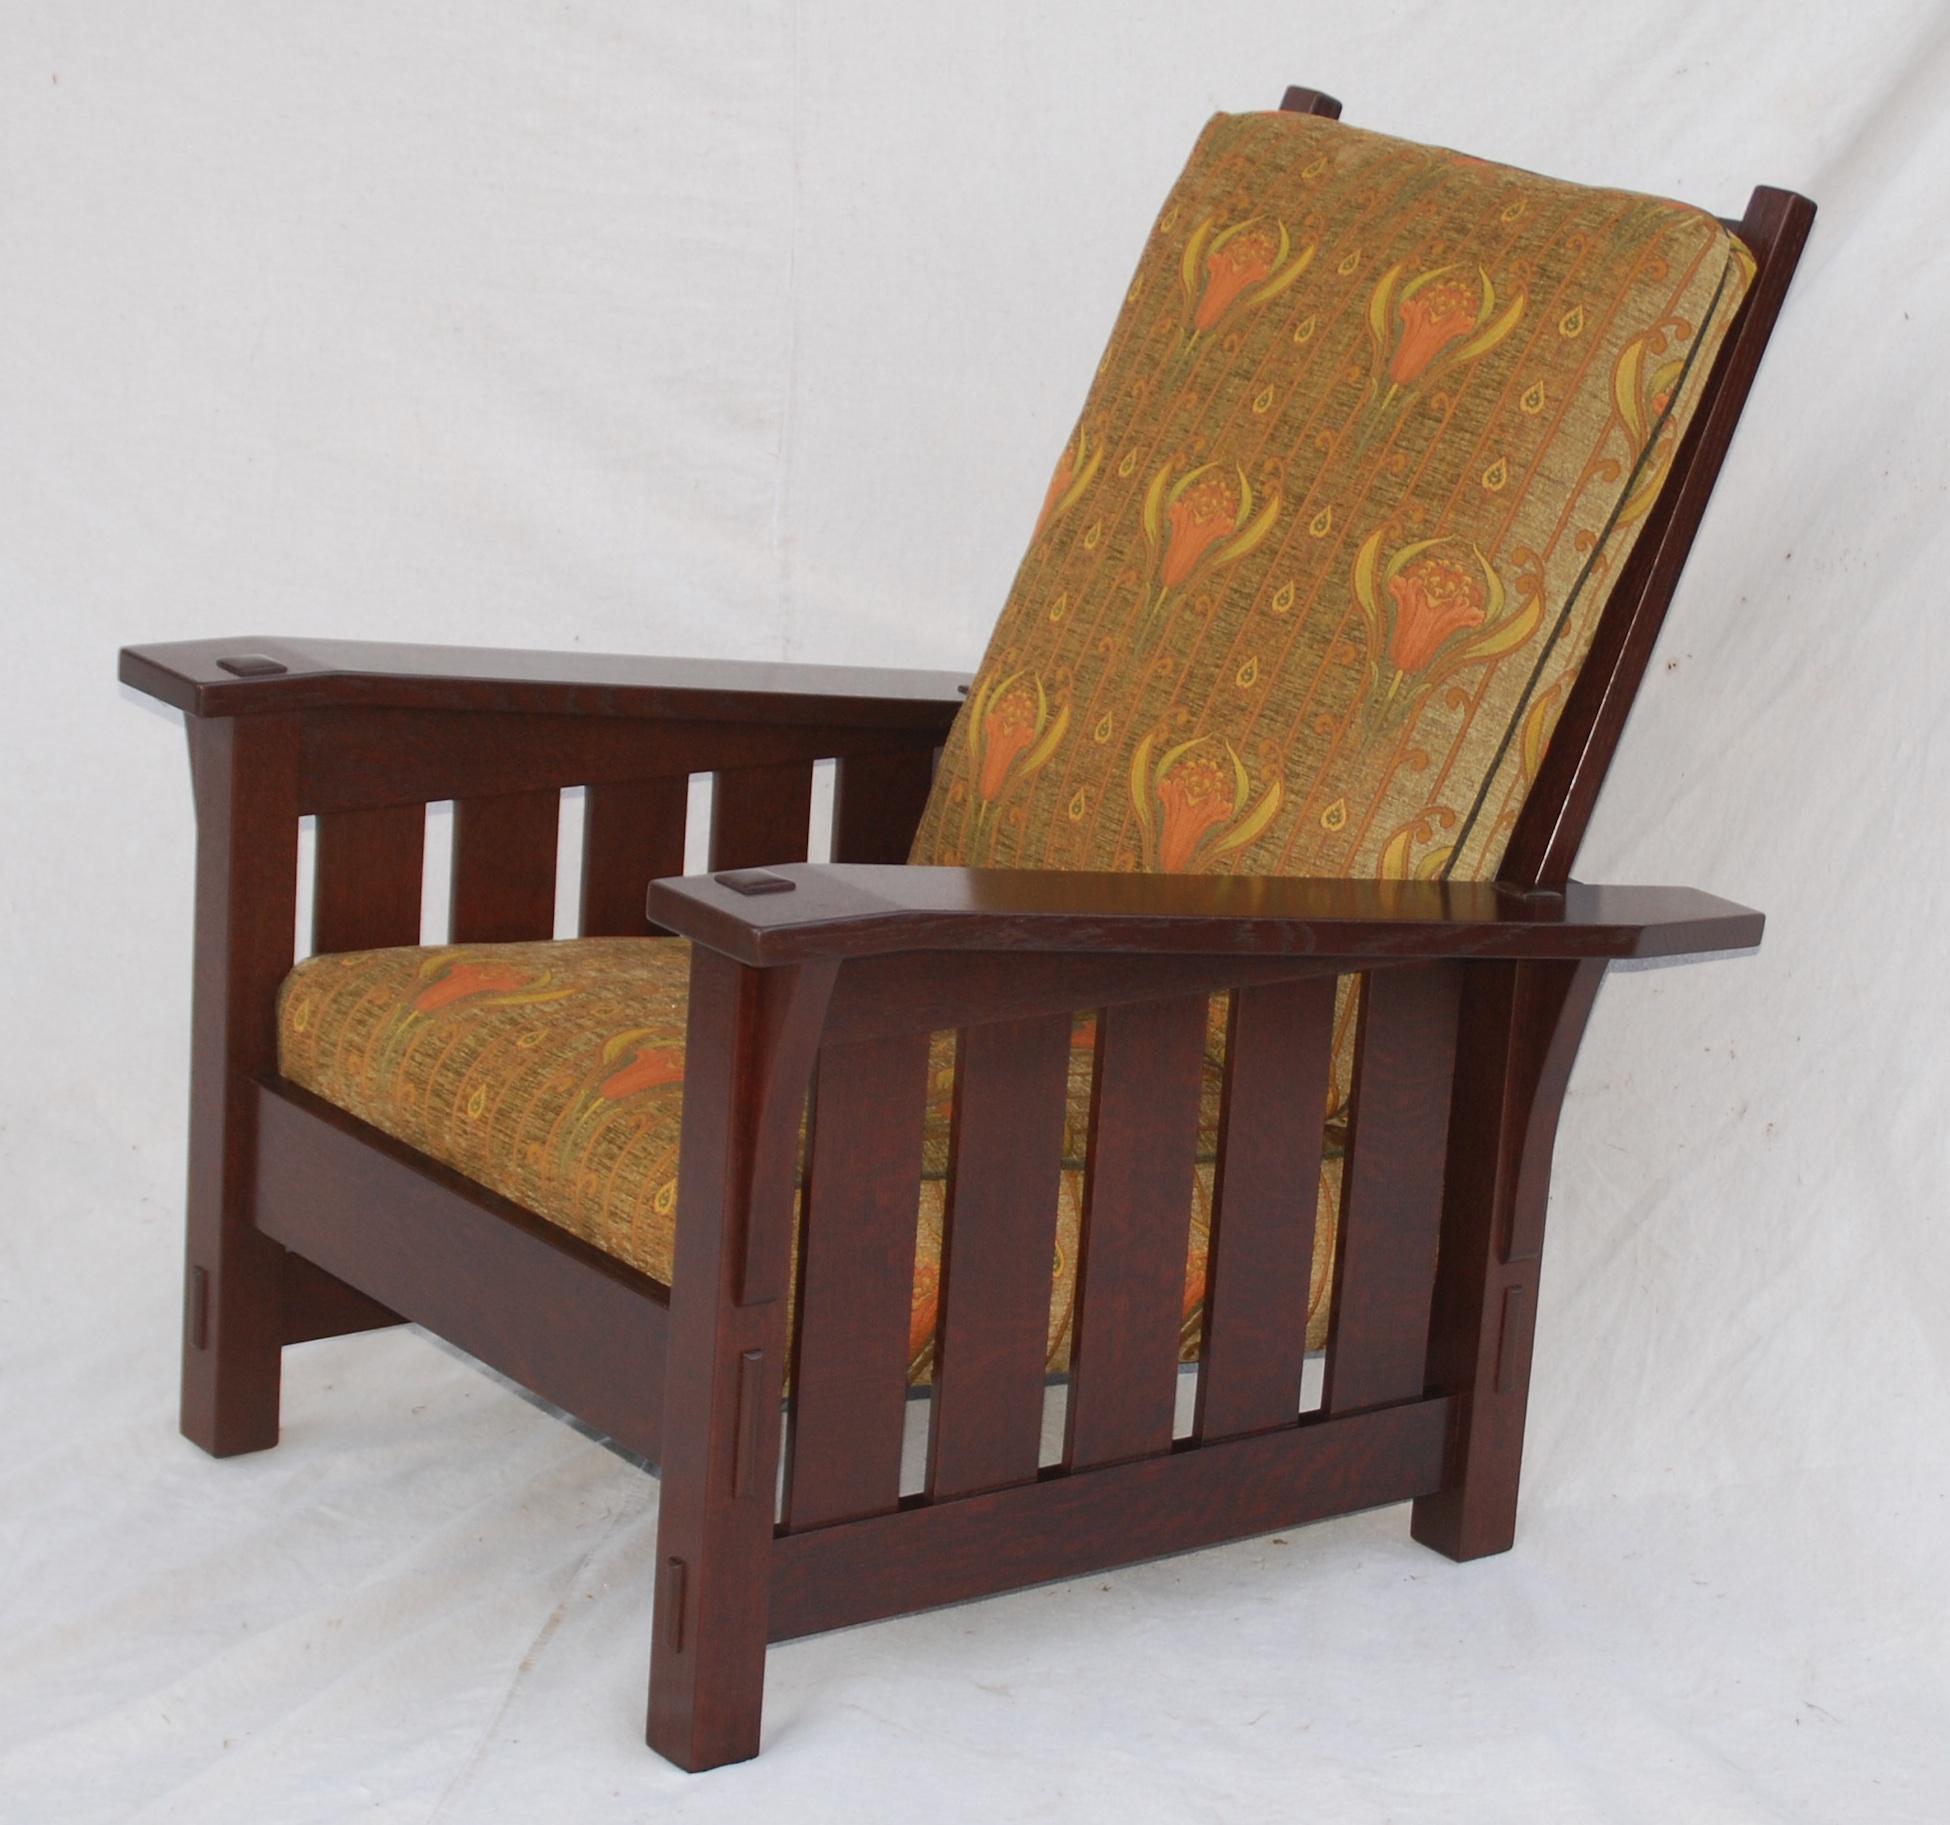 Voorhees craftsman mission oak furniture gustav stickley for Mission furniture